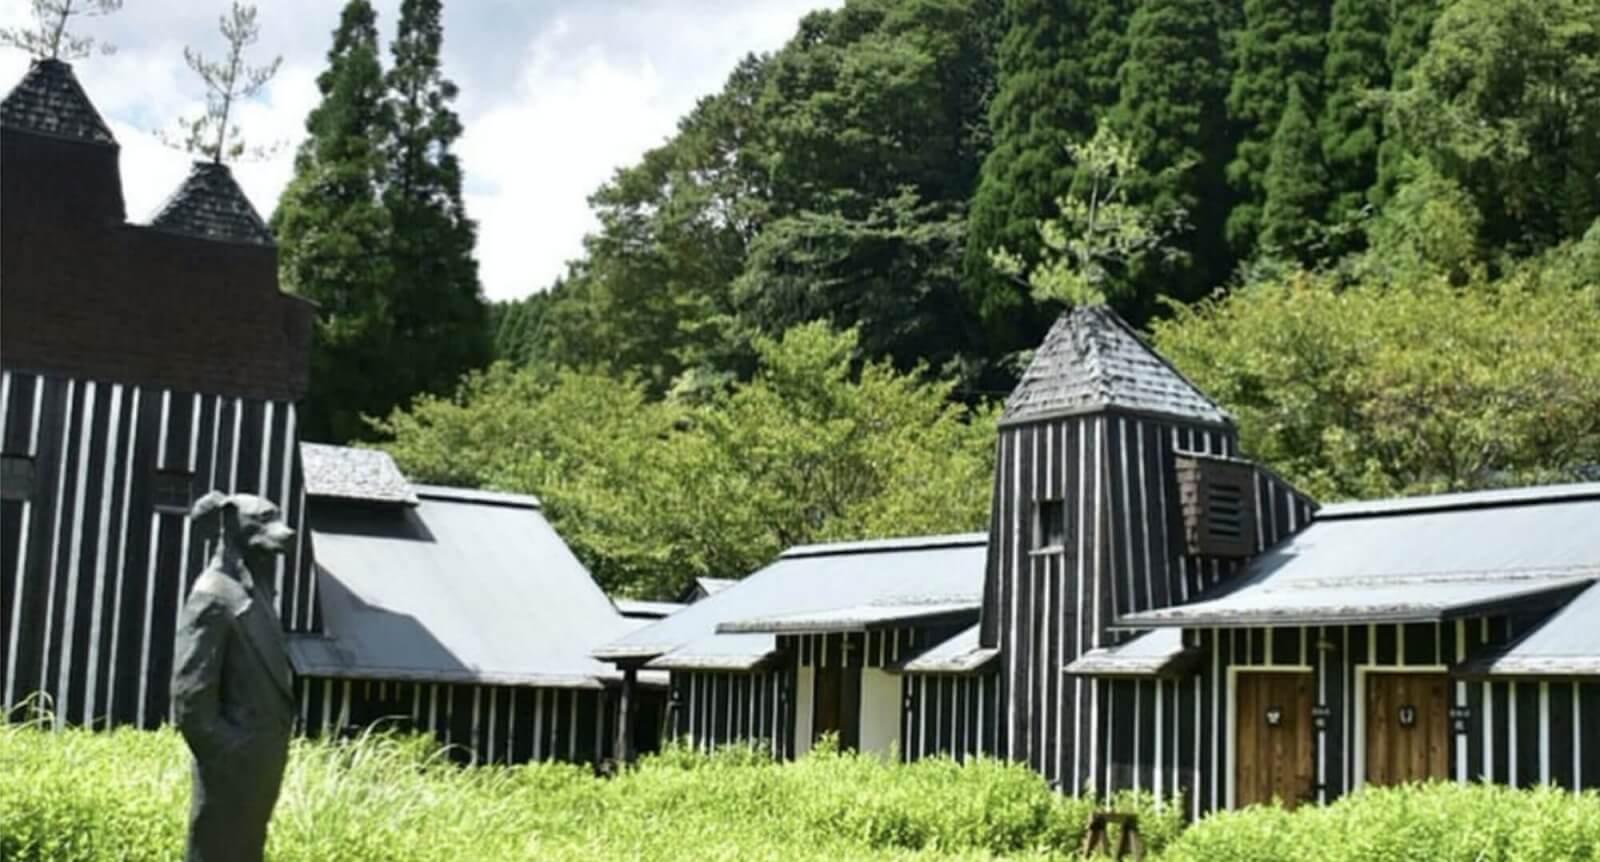 「う~む…。」 焼き杉と漆喰、屋根には銅版が張られ 松の木がそびえるのであります。